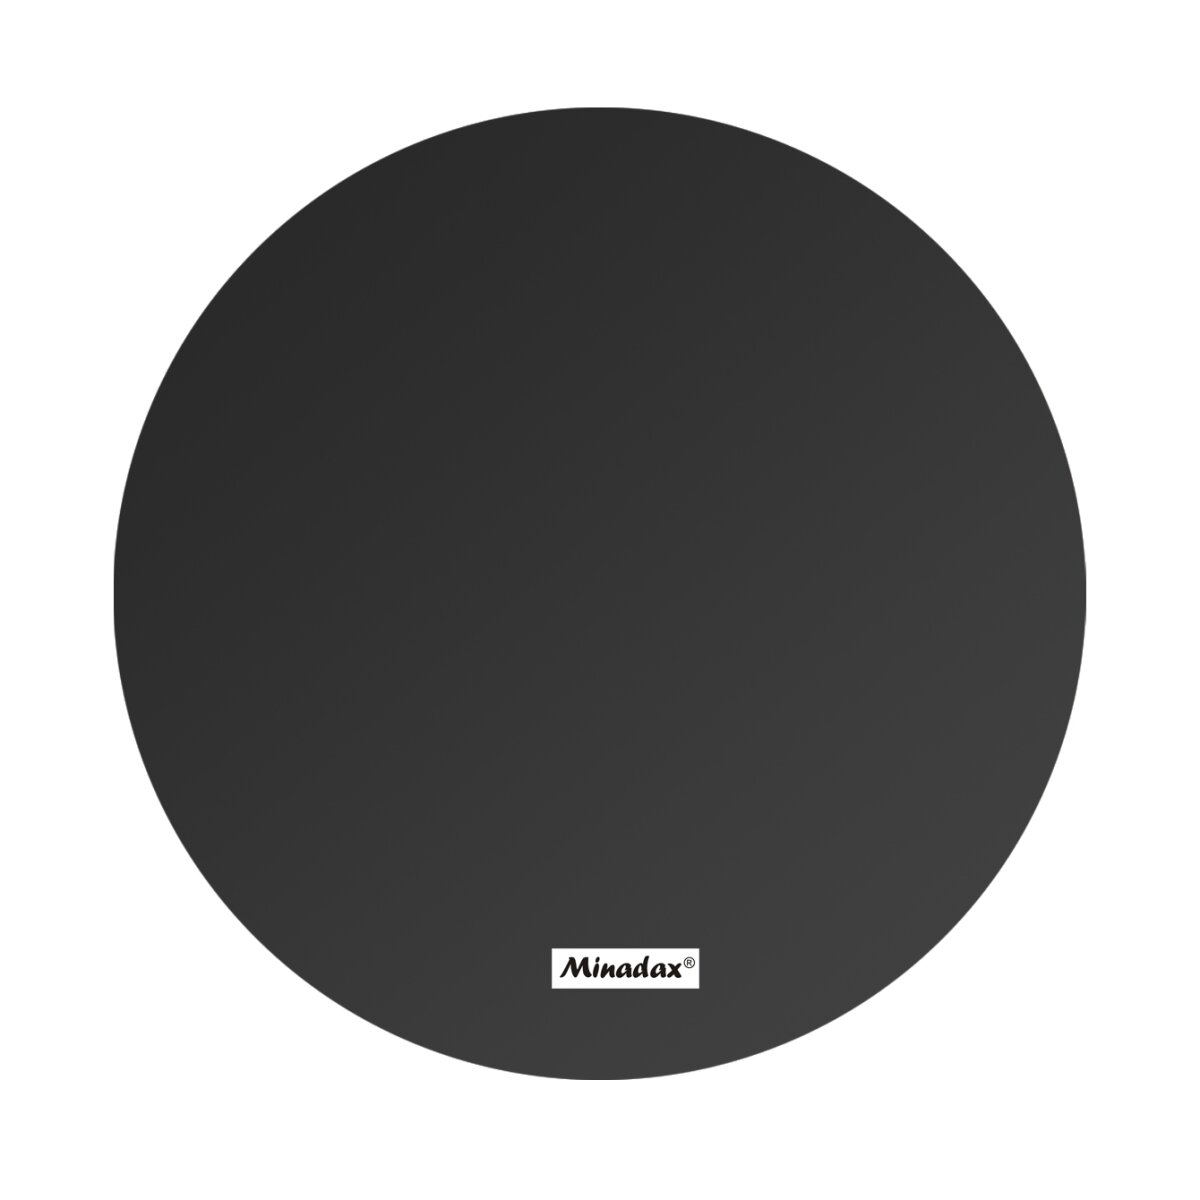 Minadax PEI 3D Druck Oberfläche Schwarz Rund 304mm 1mm